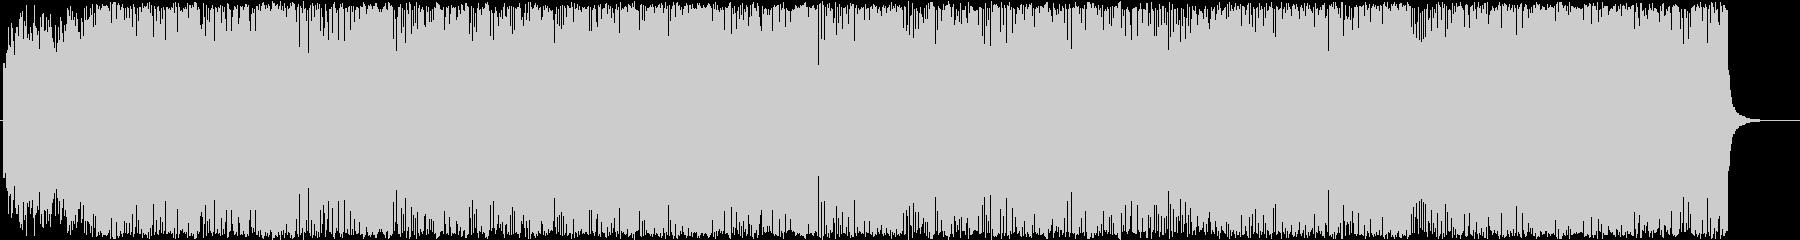 シリアスダンジョン(三拍子)の未再生の波形